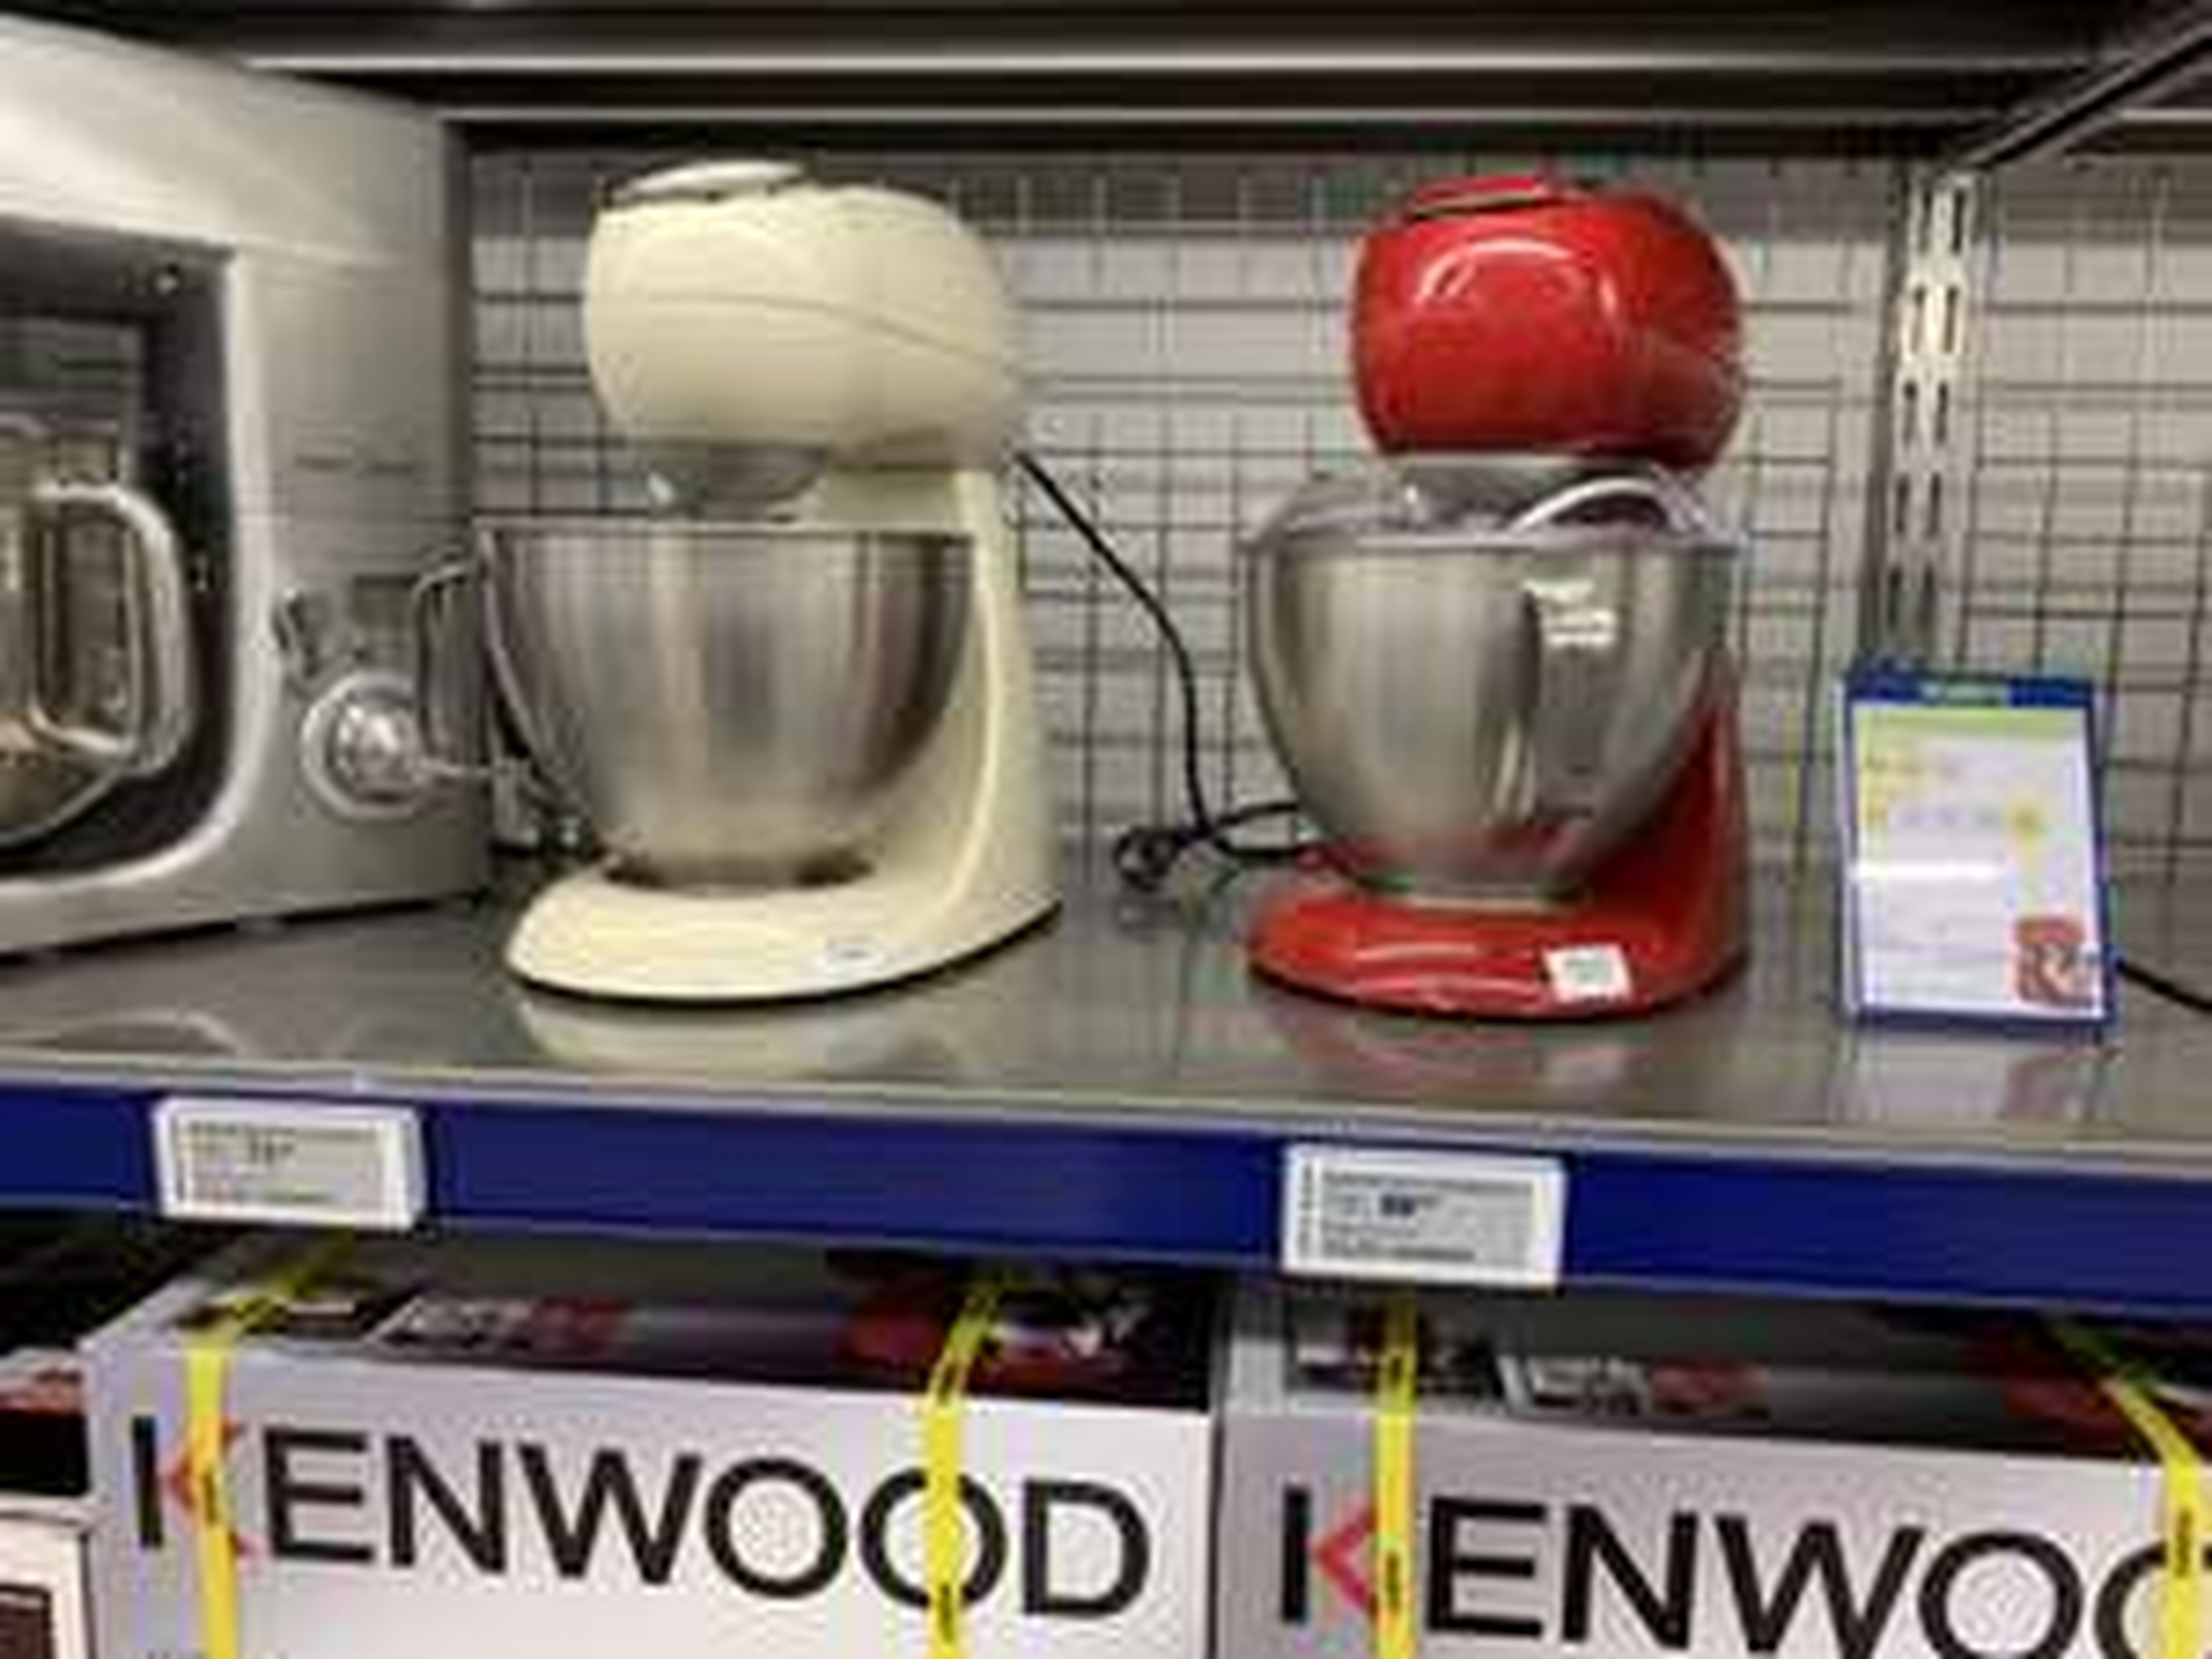 Kenwood MX311 Rood keukenmachine €69,50 excl BTW bij Makro Delft